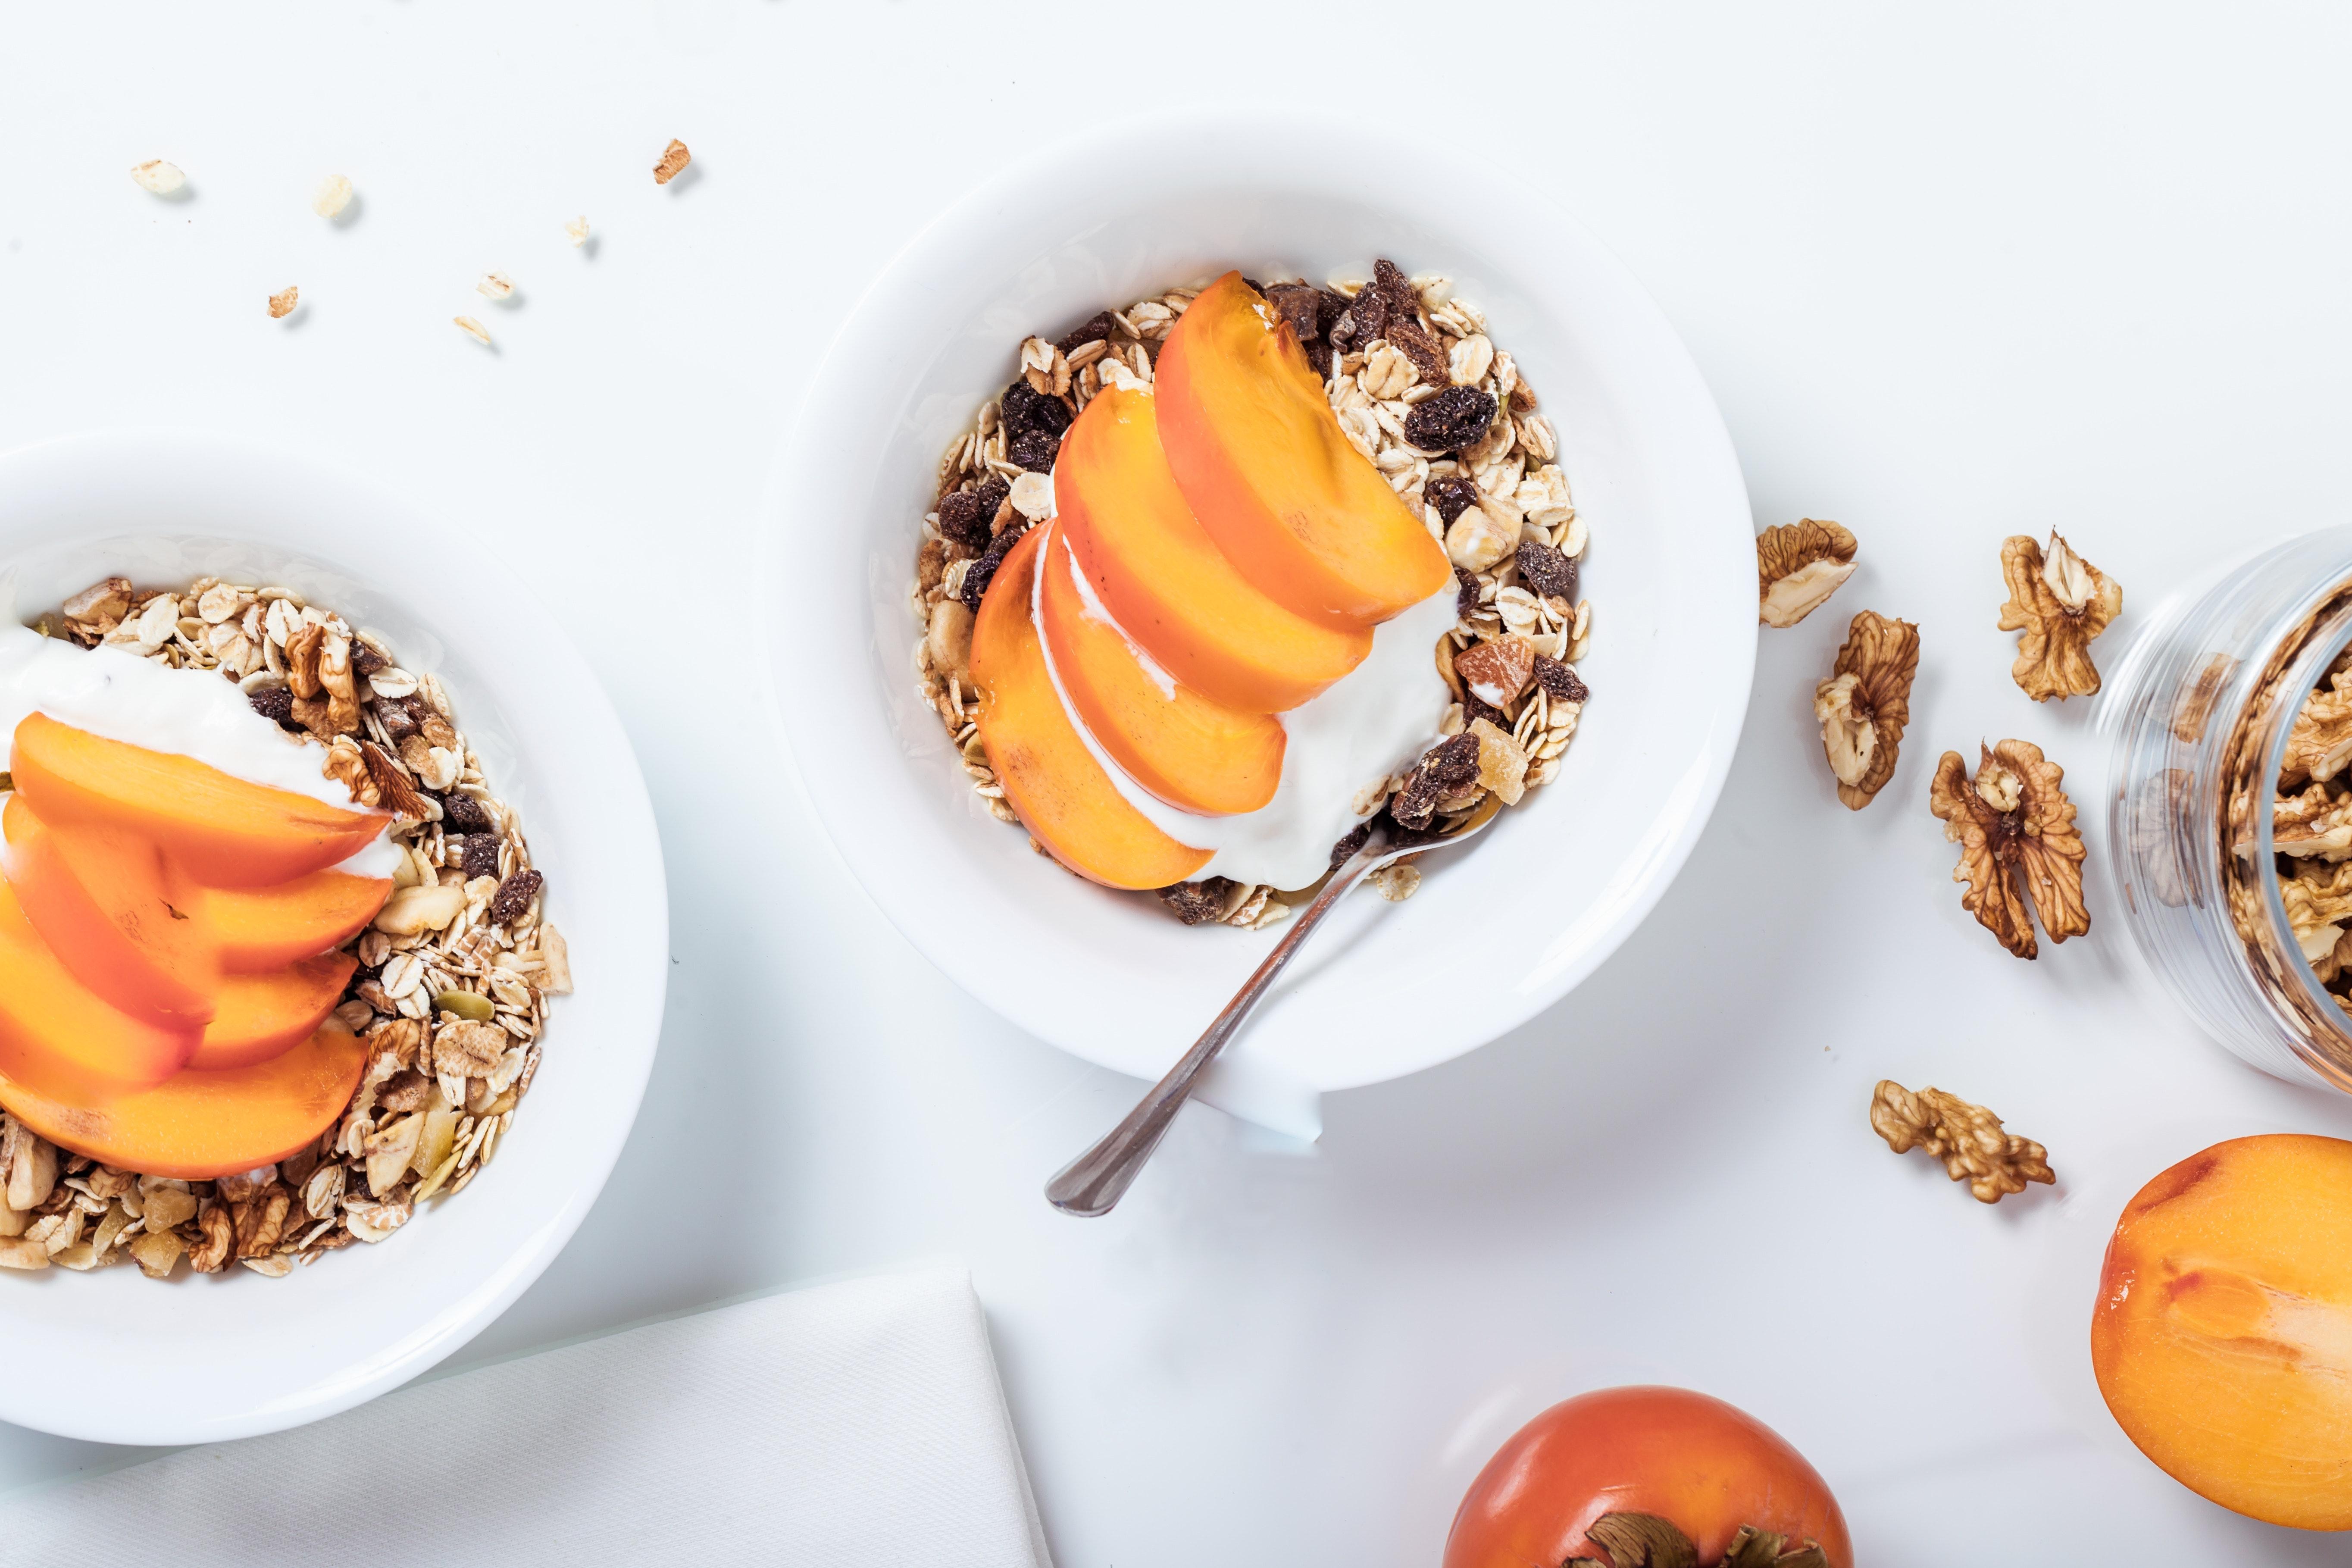 Två skålar med Musli och frukt i, upplagt på ett inspirerande sätt.